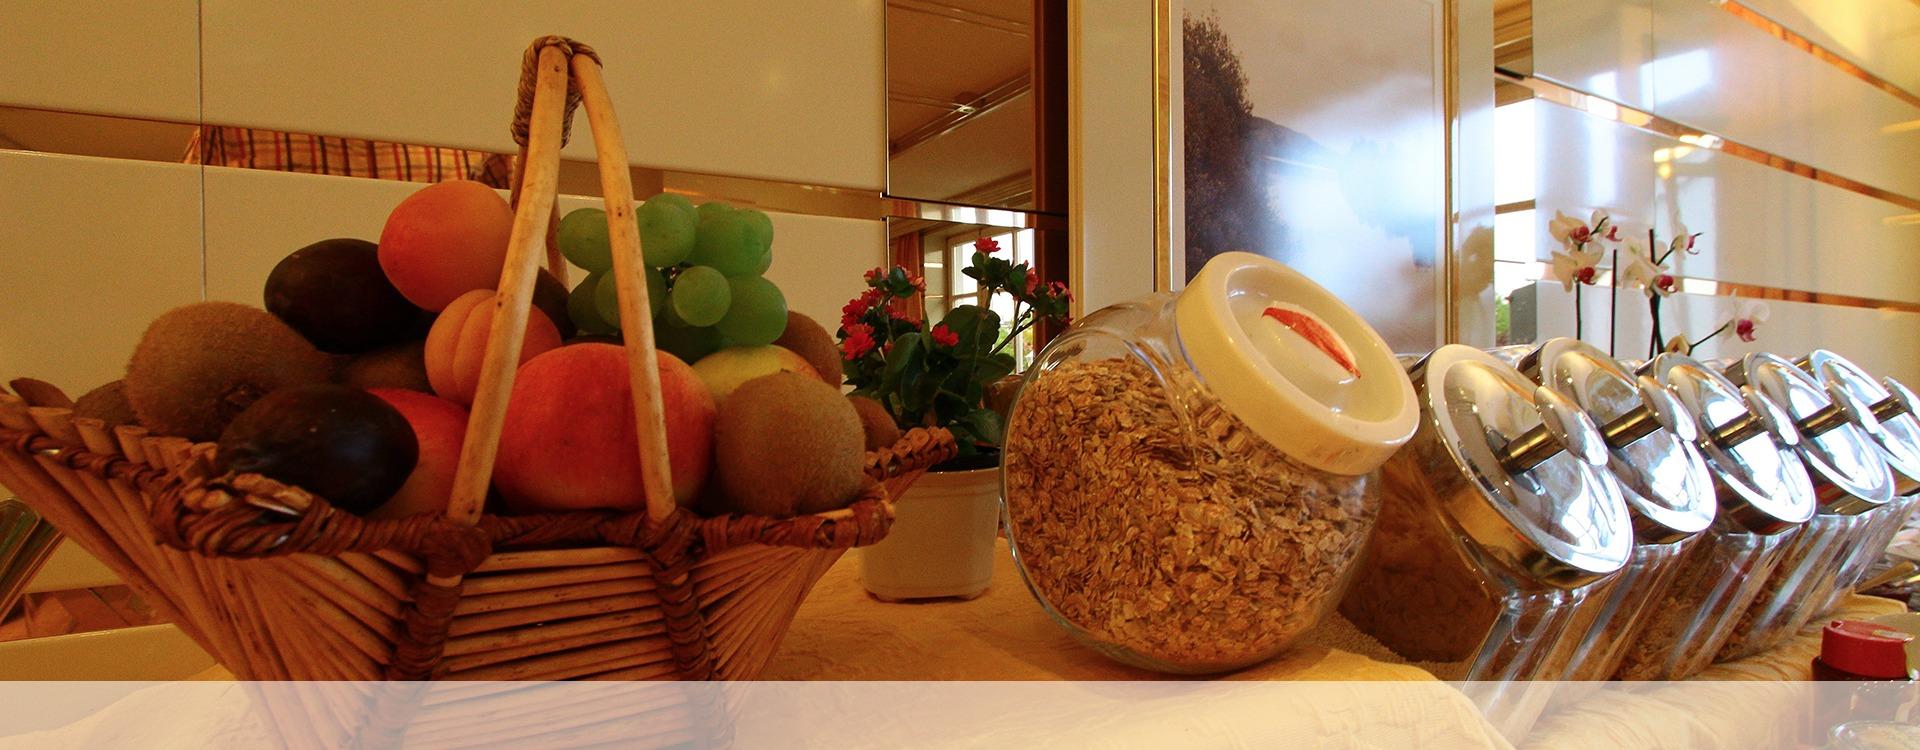 Gesundes Frühstück im Hotel in Eichenau